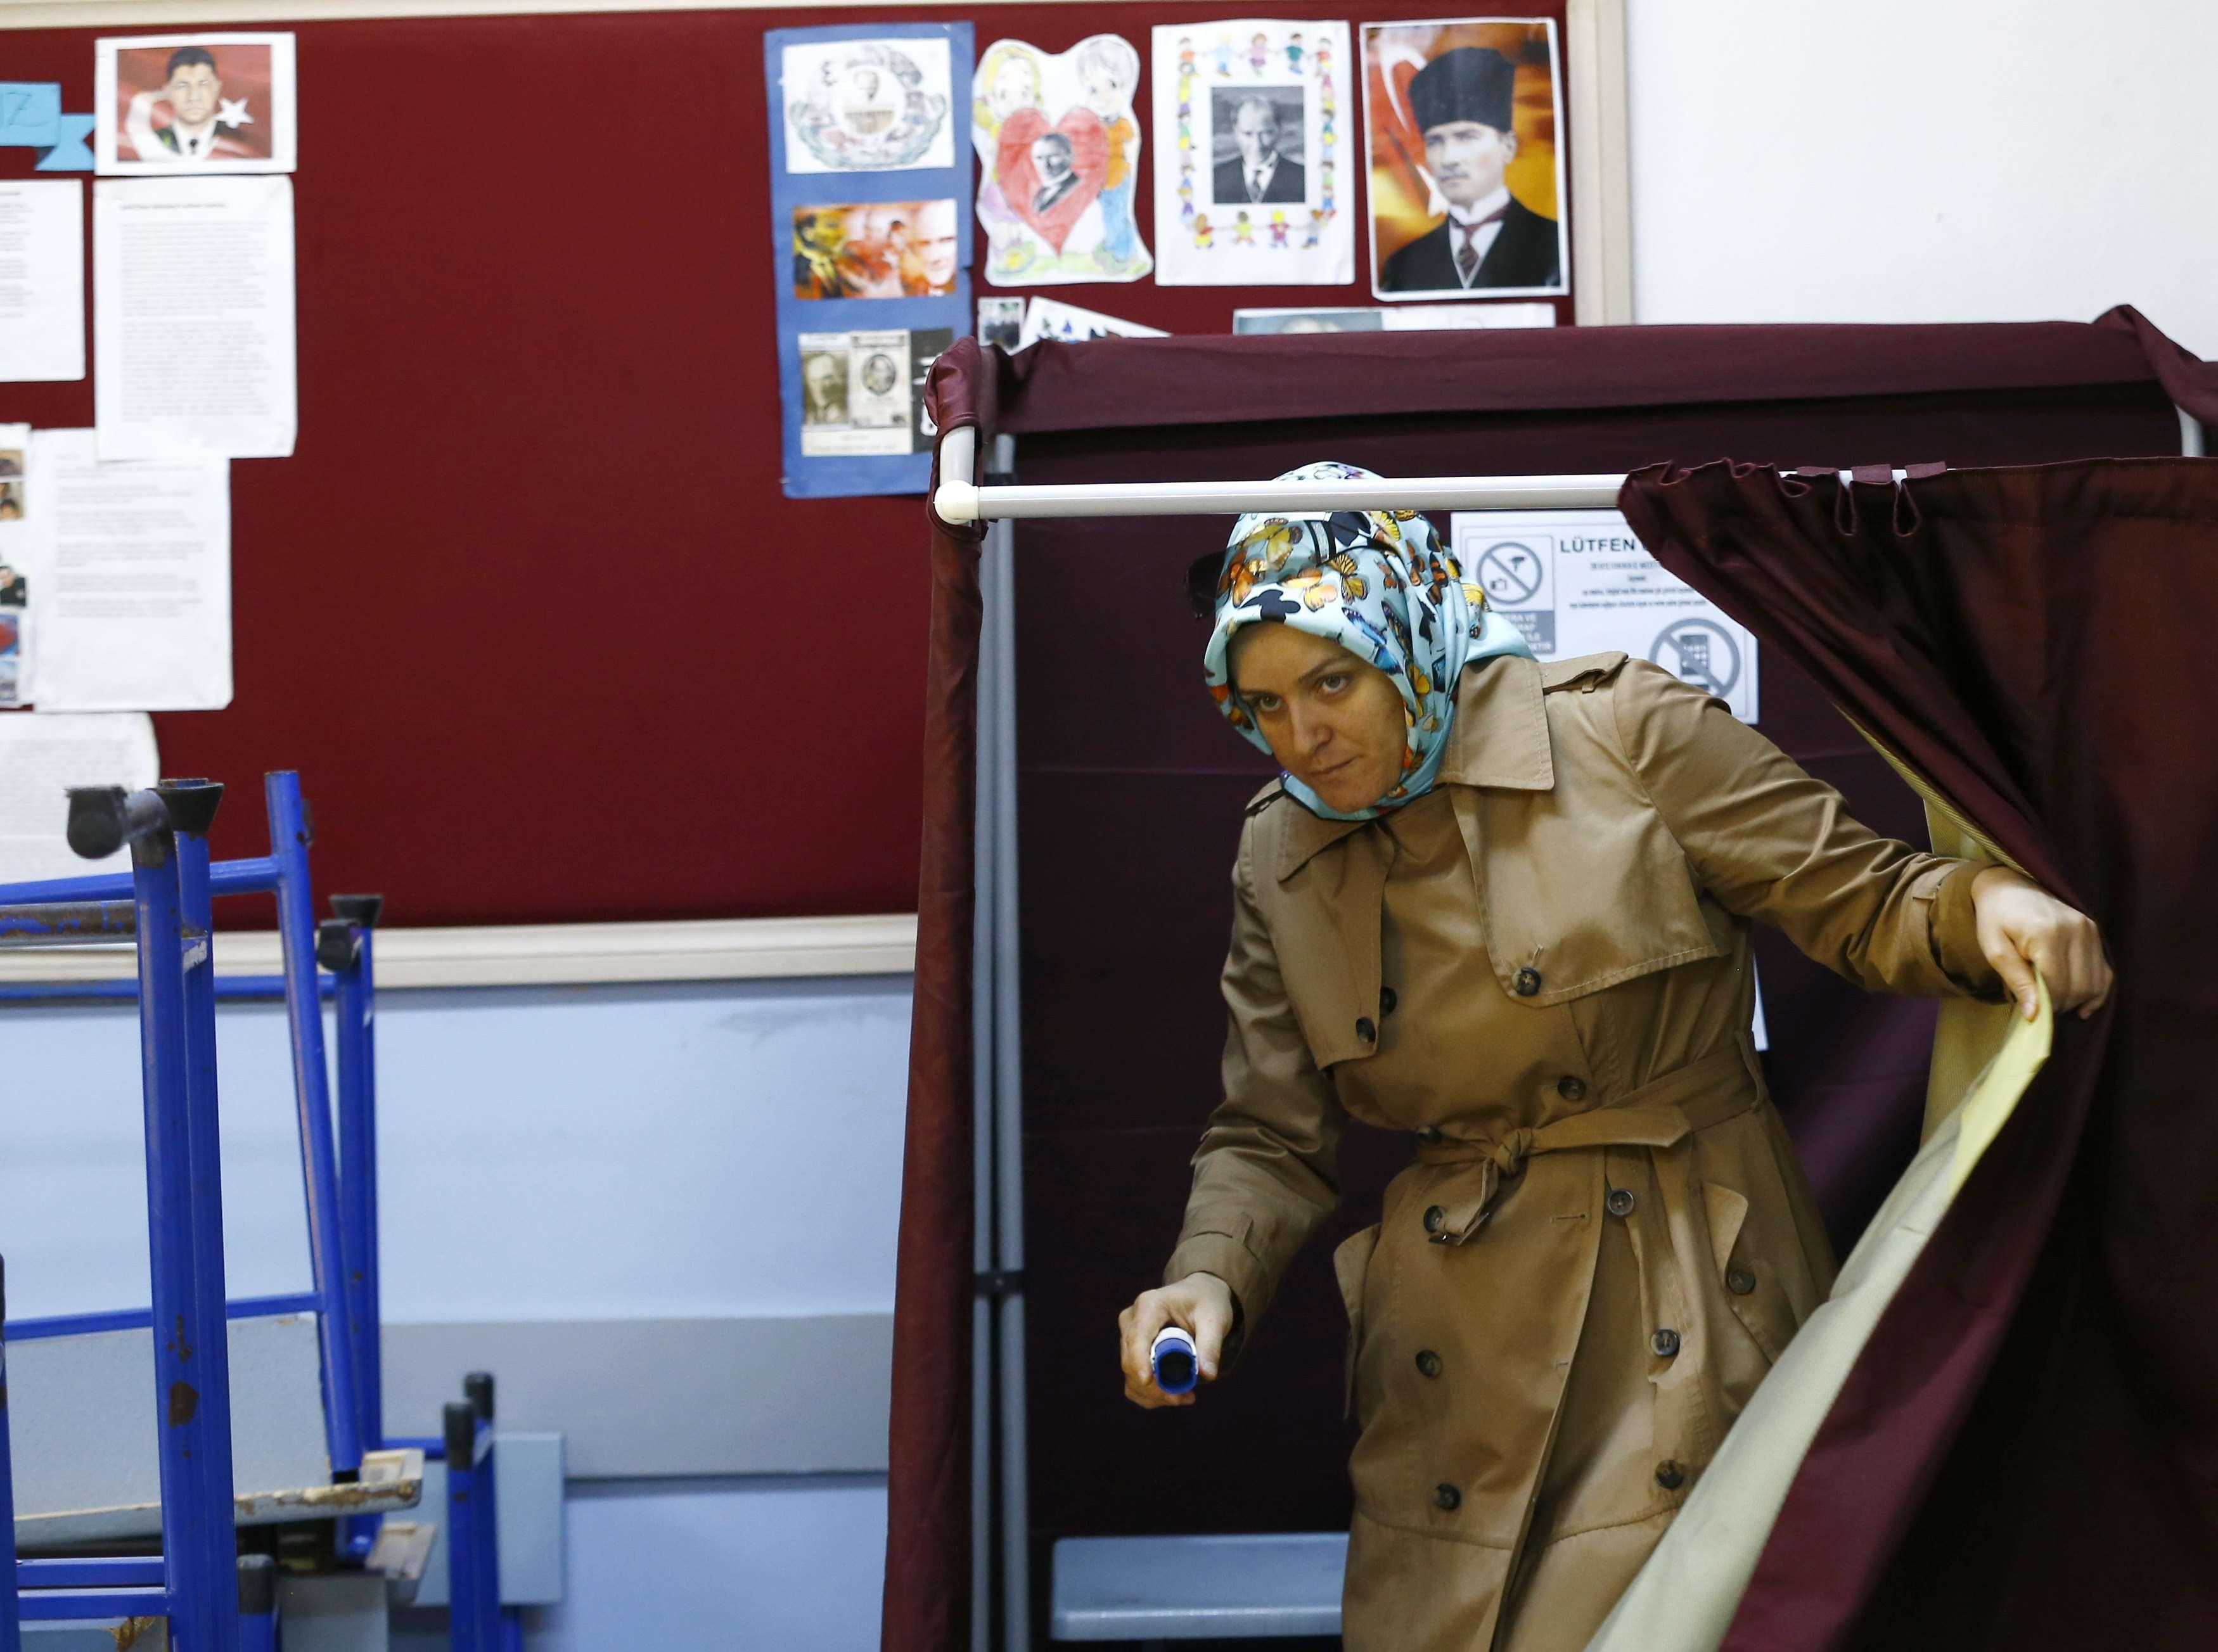 A la veille du vote, Erdogan a tenu quatre meetings à Istanbul. Il a demandé à ses partisans d'aller voter en masse.